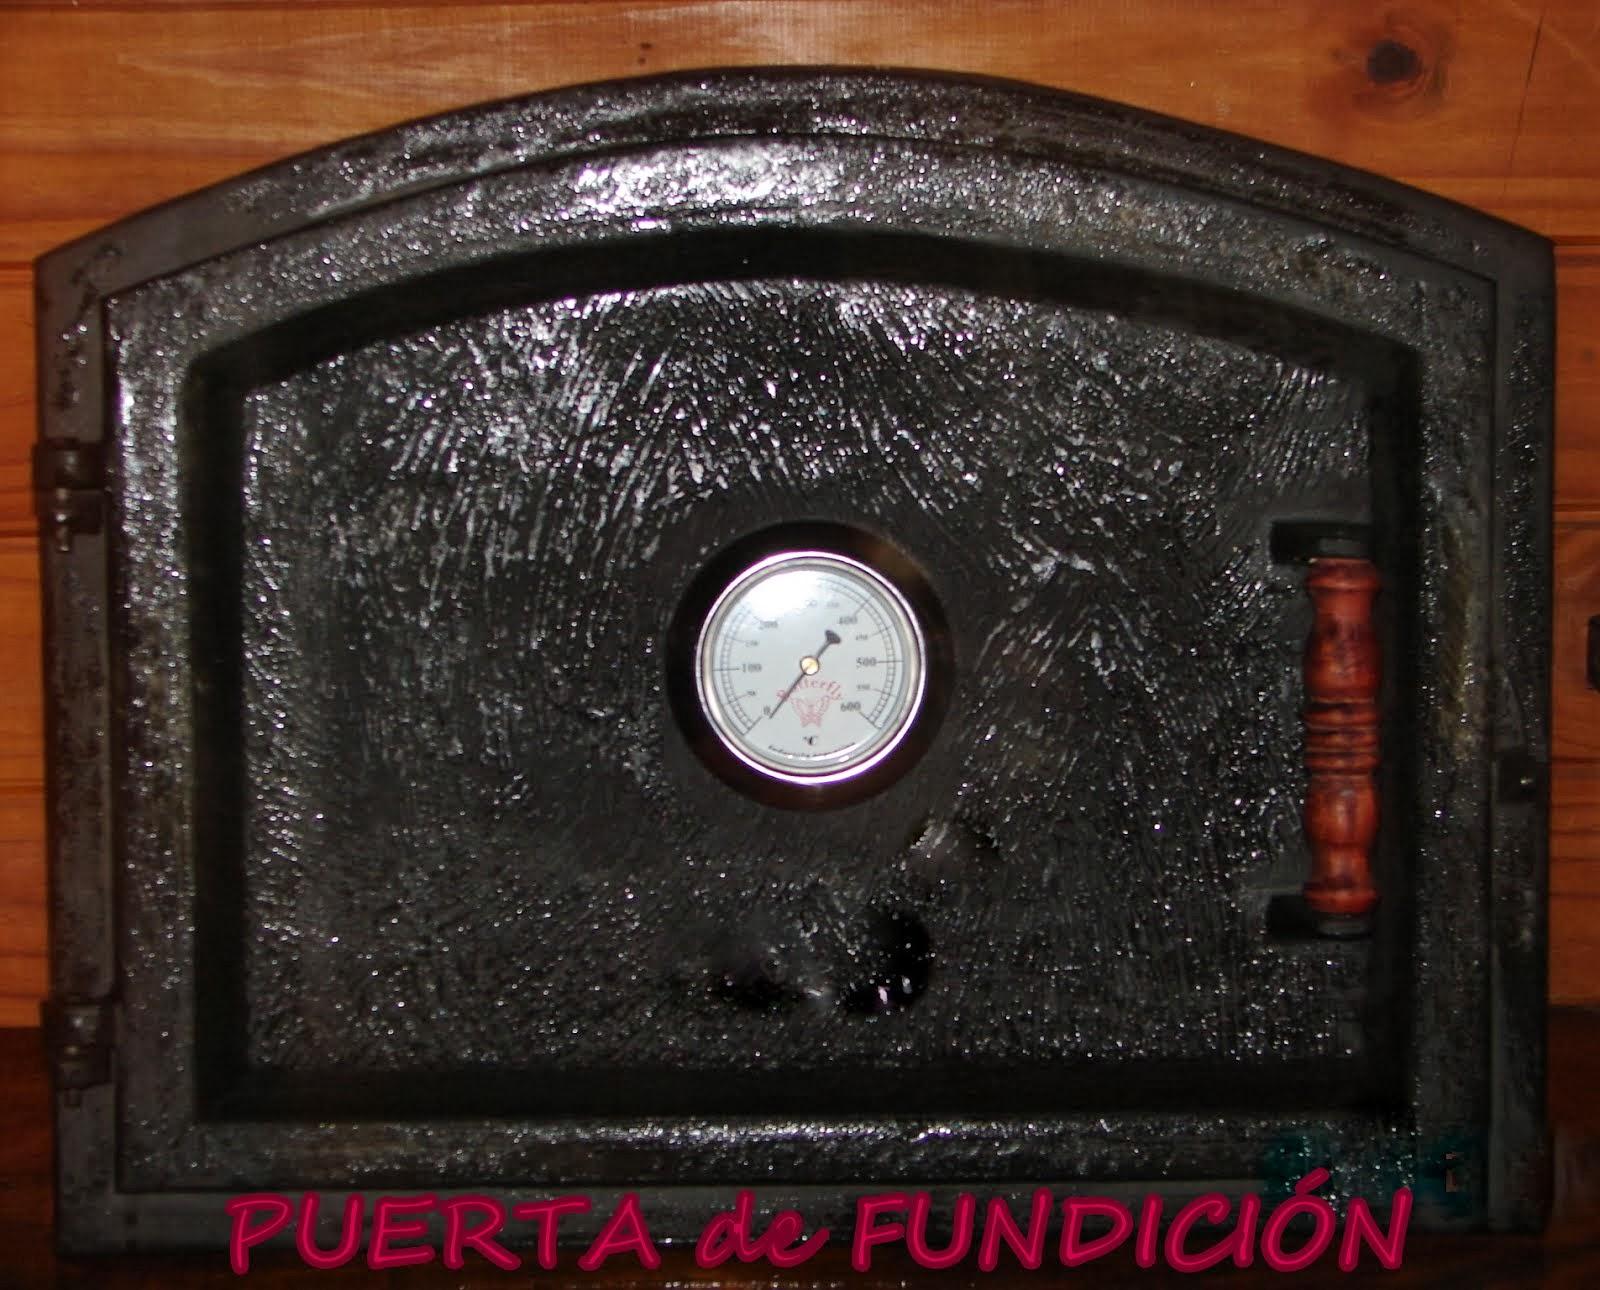 PUERTA de FUNDICIÓN